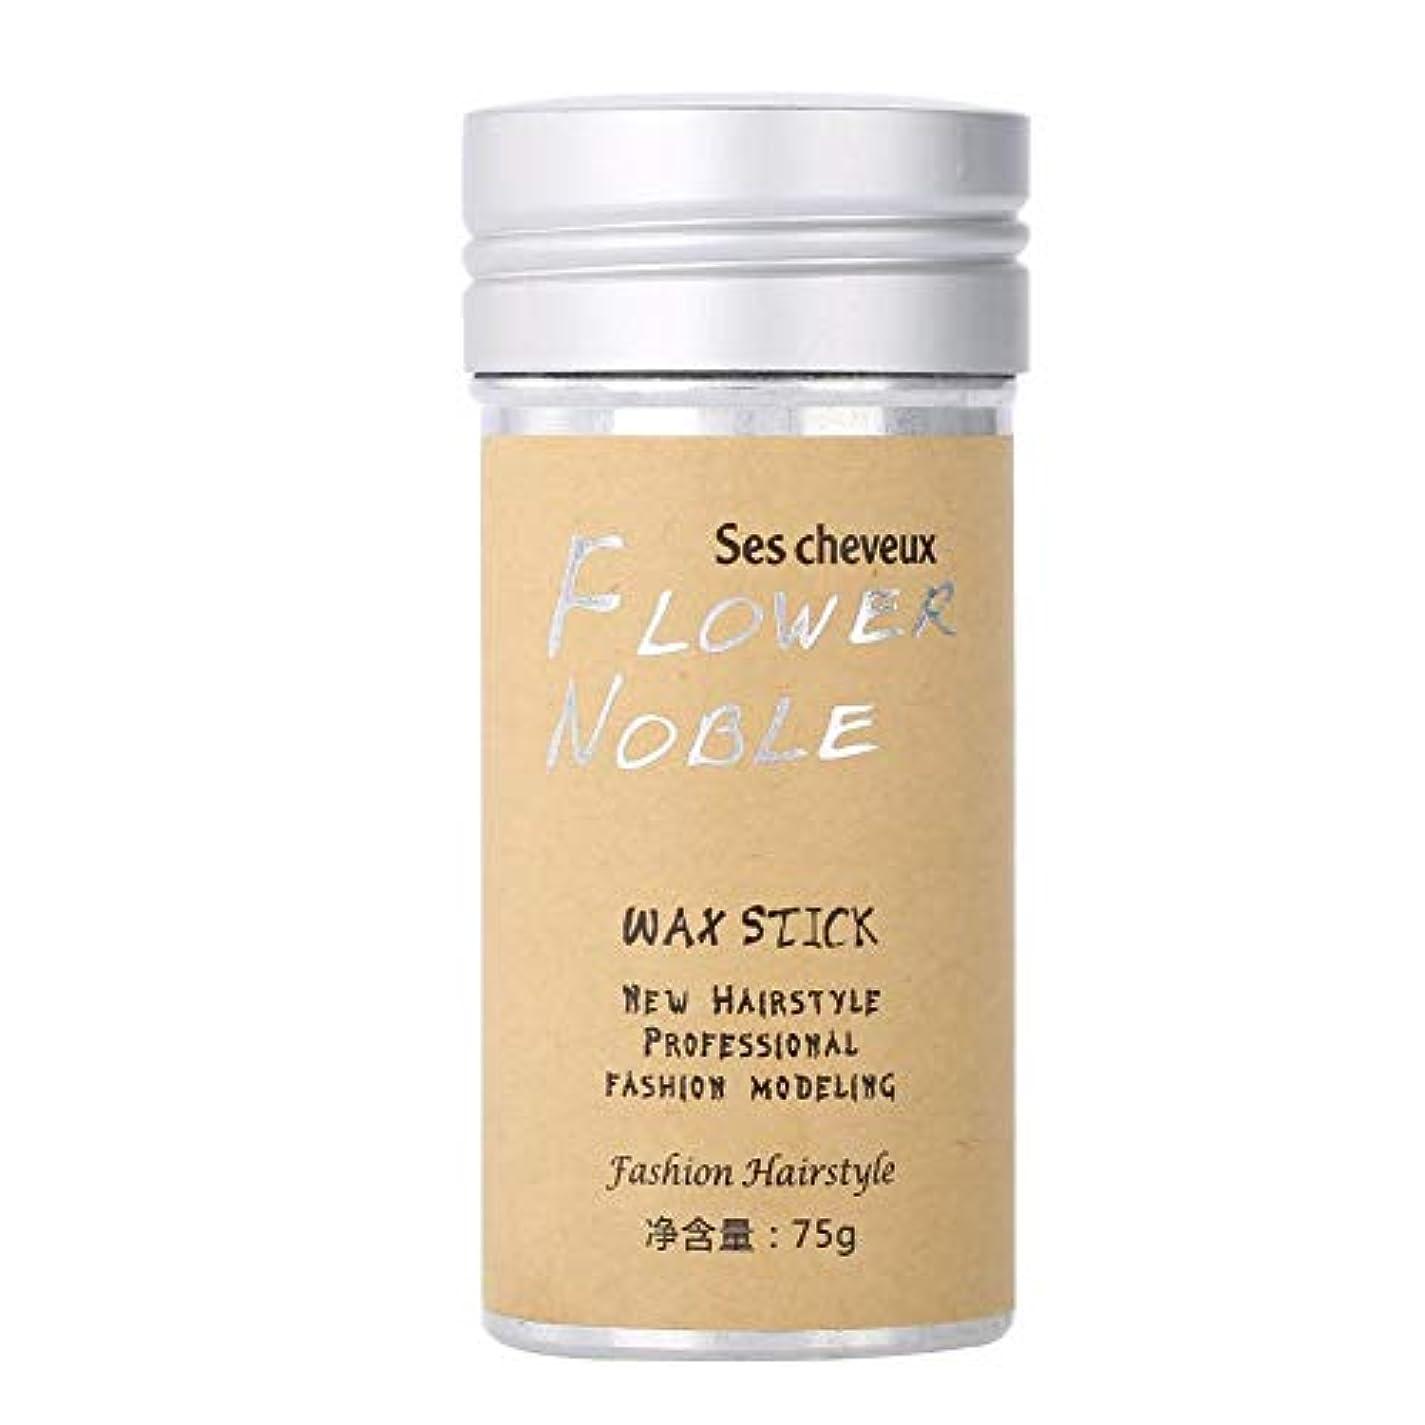 顔料祖母忌避剤ヘアワックススティック、スタイリングヘアワックス75グラムナチュラルヘアワックス水ベースのヘアスタイリングポマードヘアモデリングワックススティック